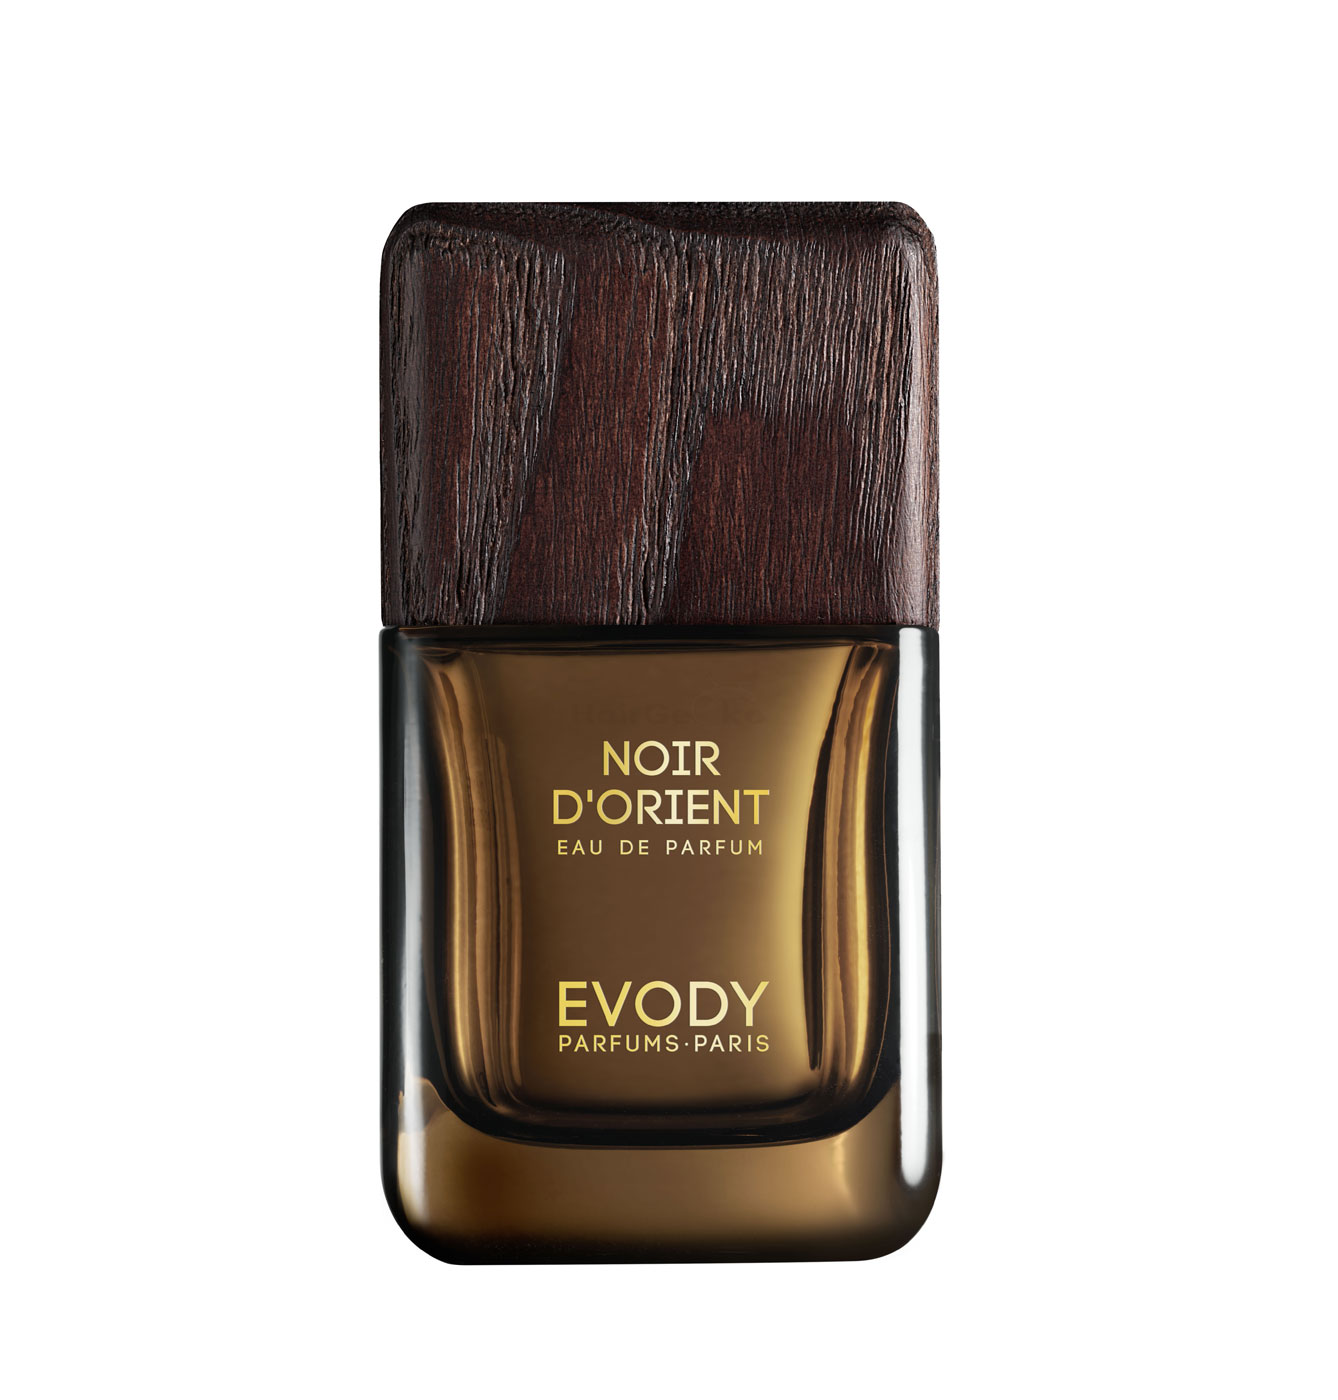 Evody - Collection D'Ailleurs - Noir D'Orient Eau de Parfum 50ml